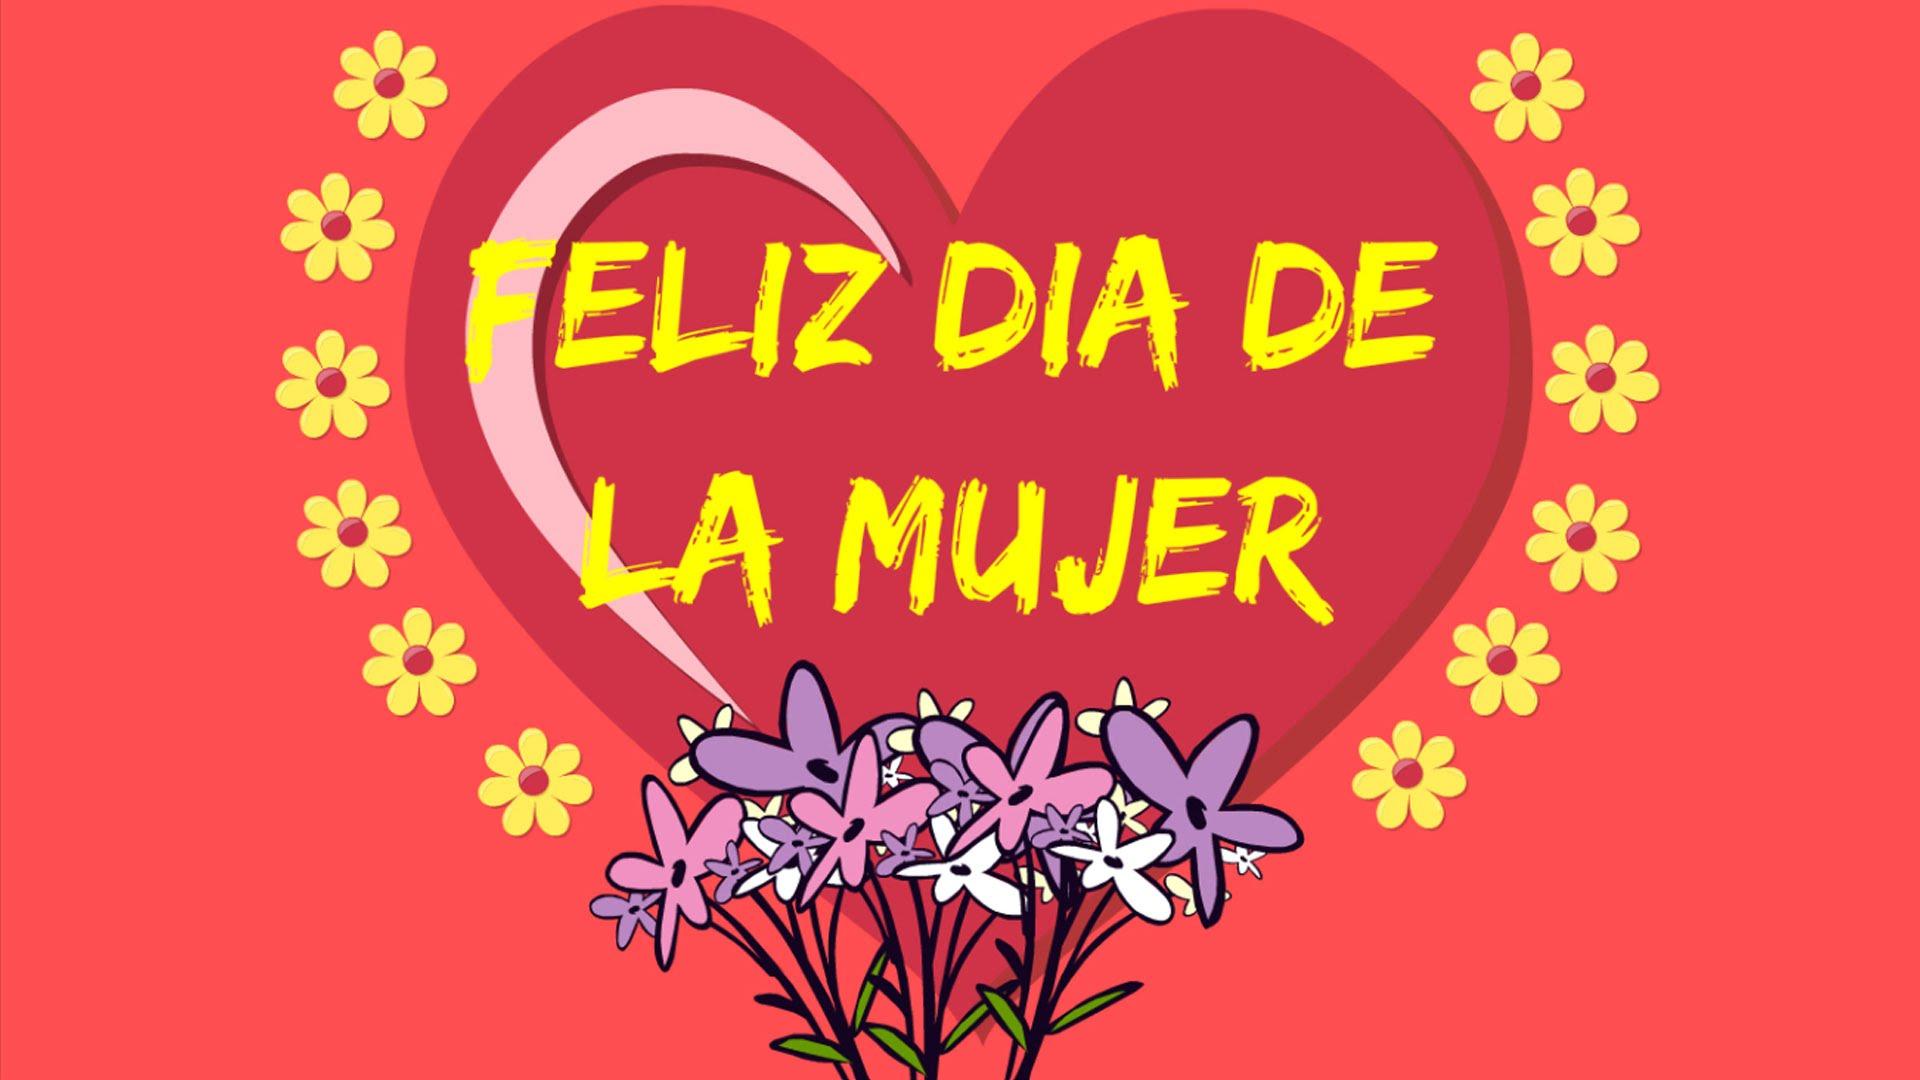 Imagenes de corazon feliz dia de la mujer para regalar por mensaje